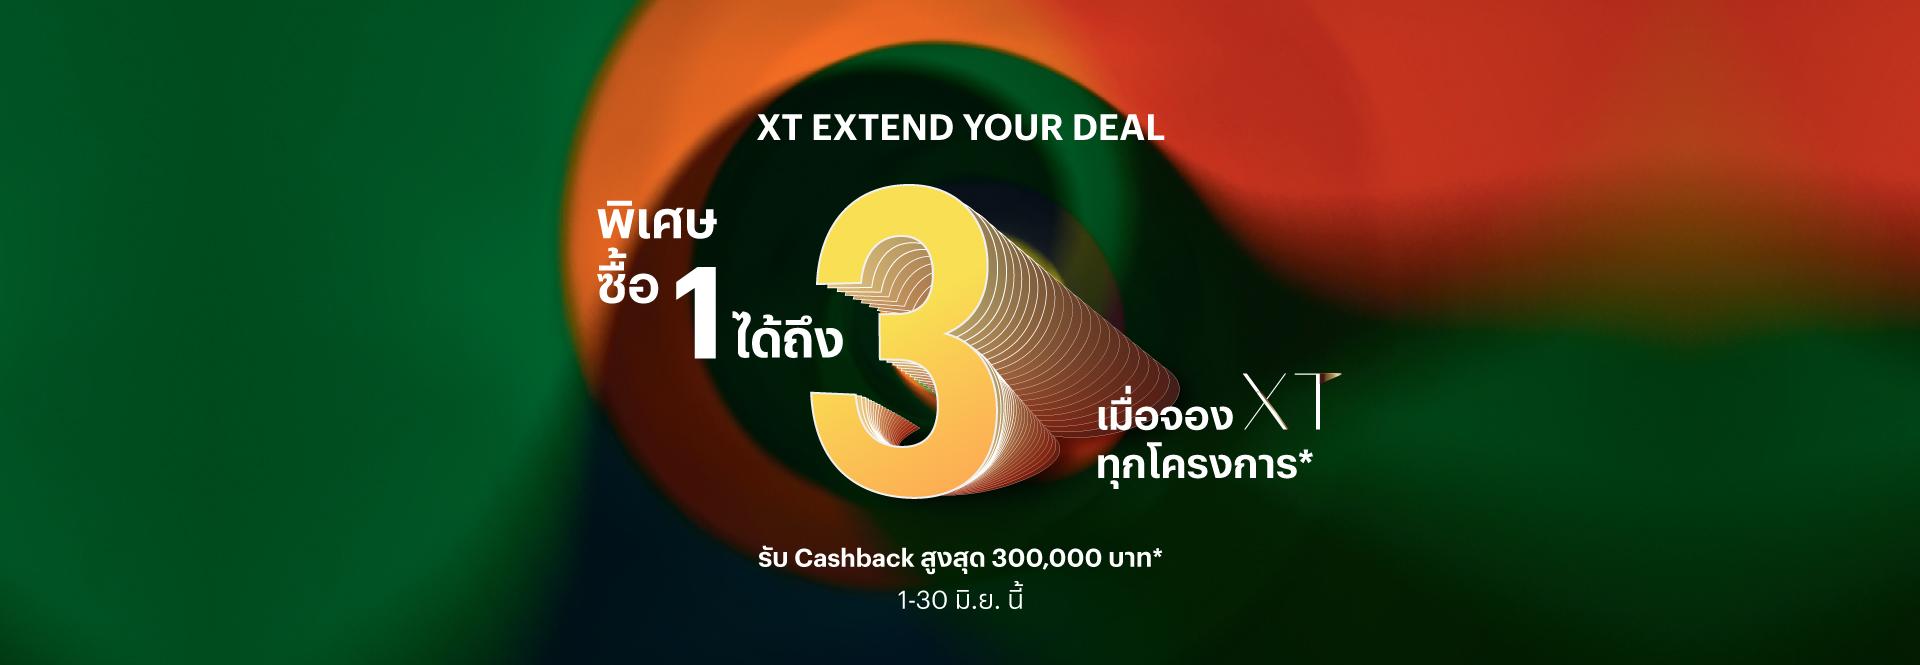 ซื้อ 1 ได้ถึง 3 เมื่อจอง XT ทุกโครงการ*